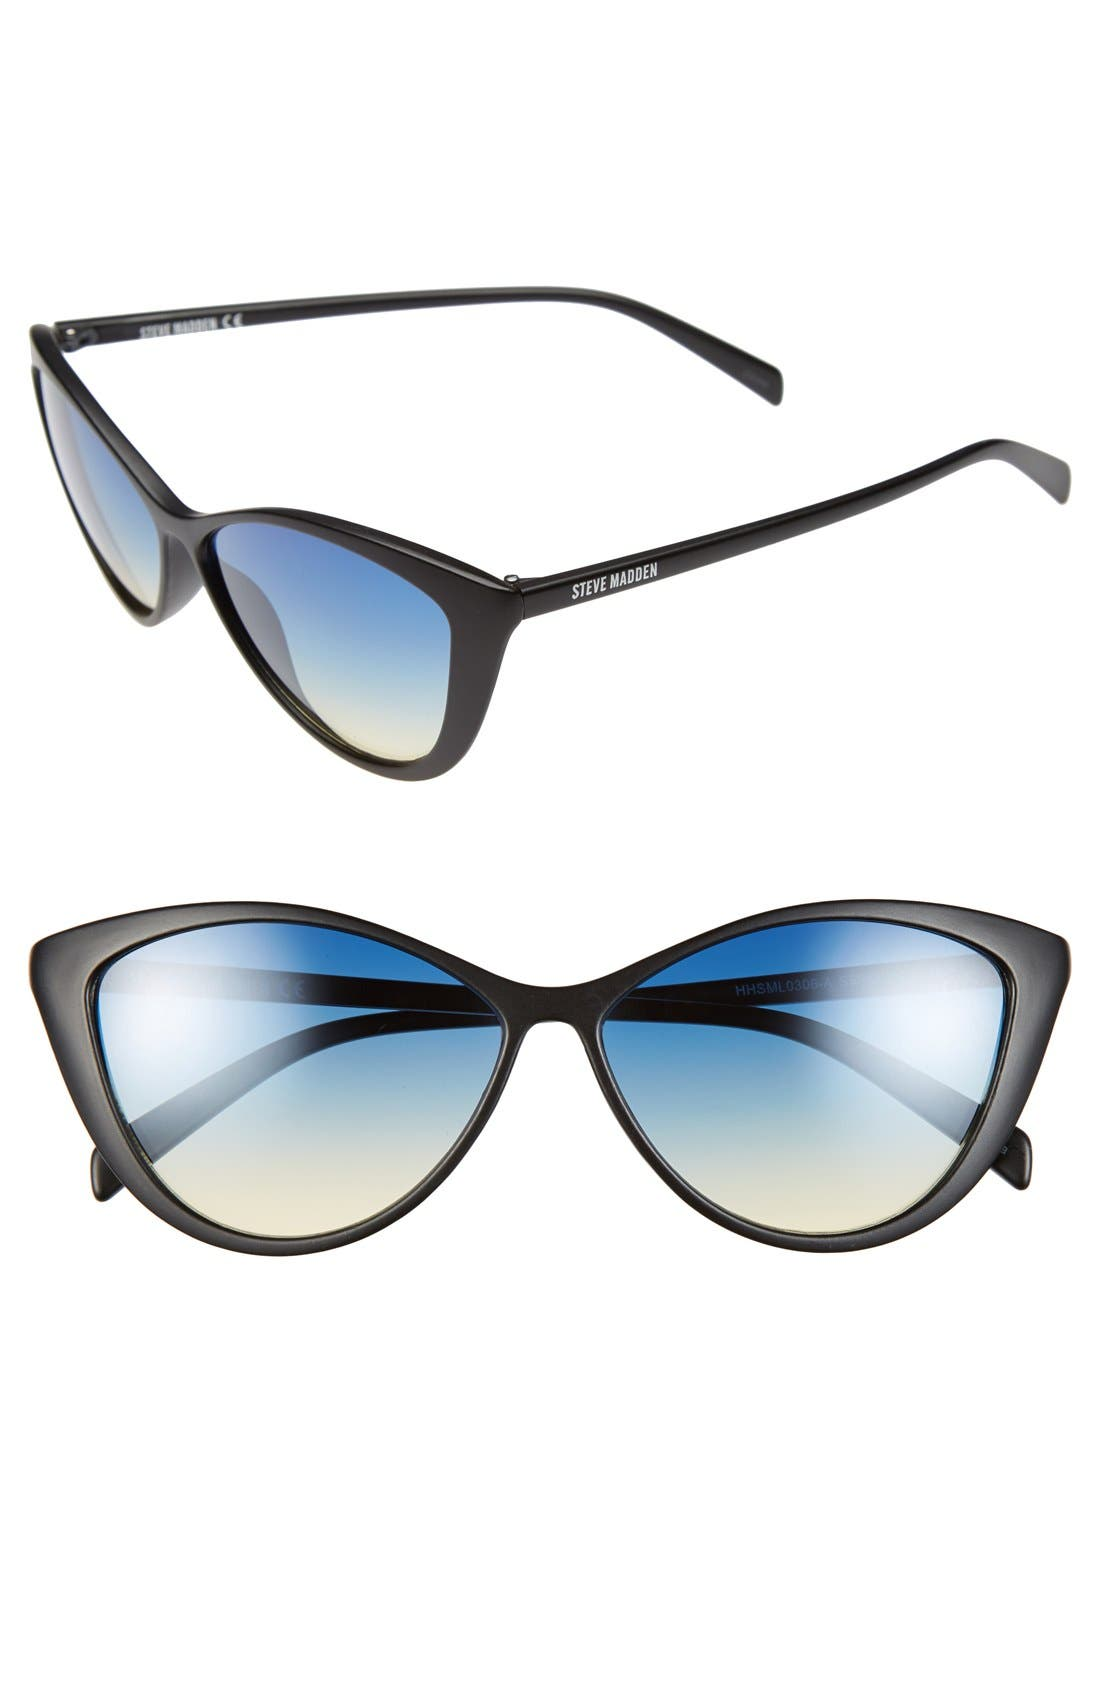 Main Image - Steve Madden 58mm Cat Eye Sunglasses